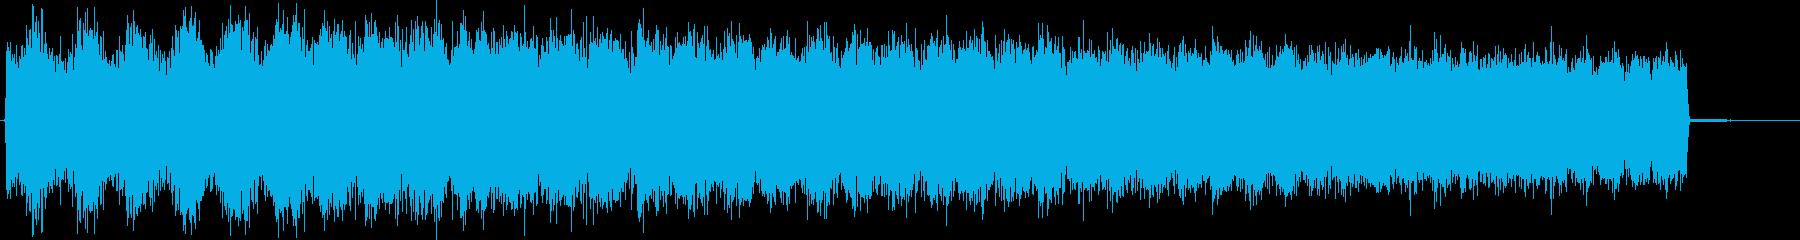 キュイーーン↑(長いチャージ、溜め)の再生済みの波形